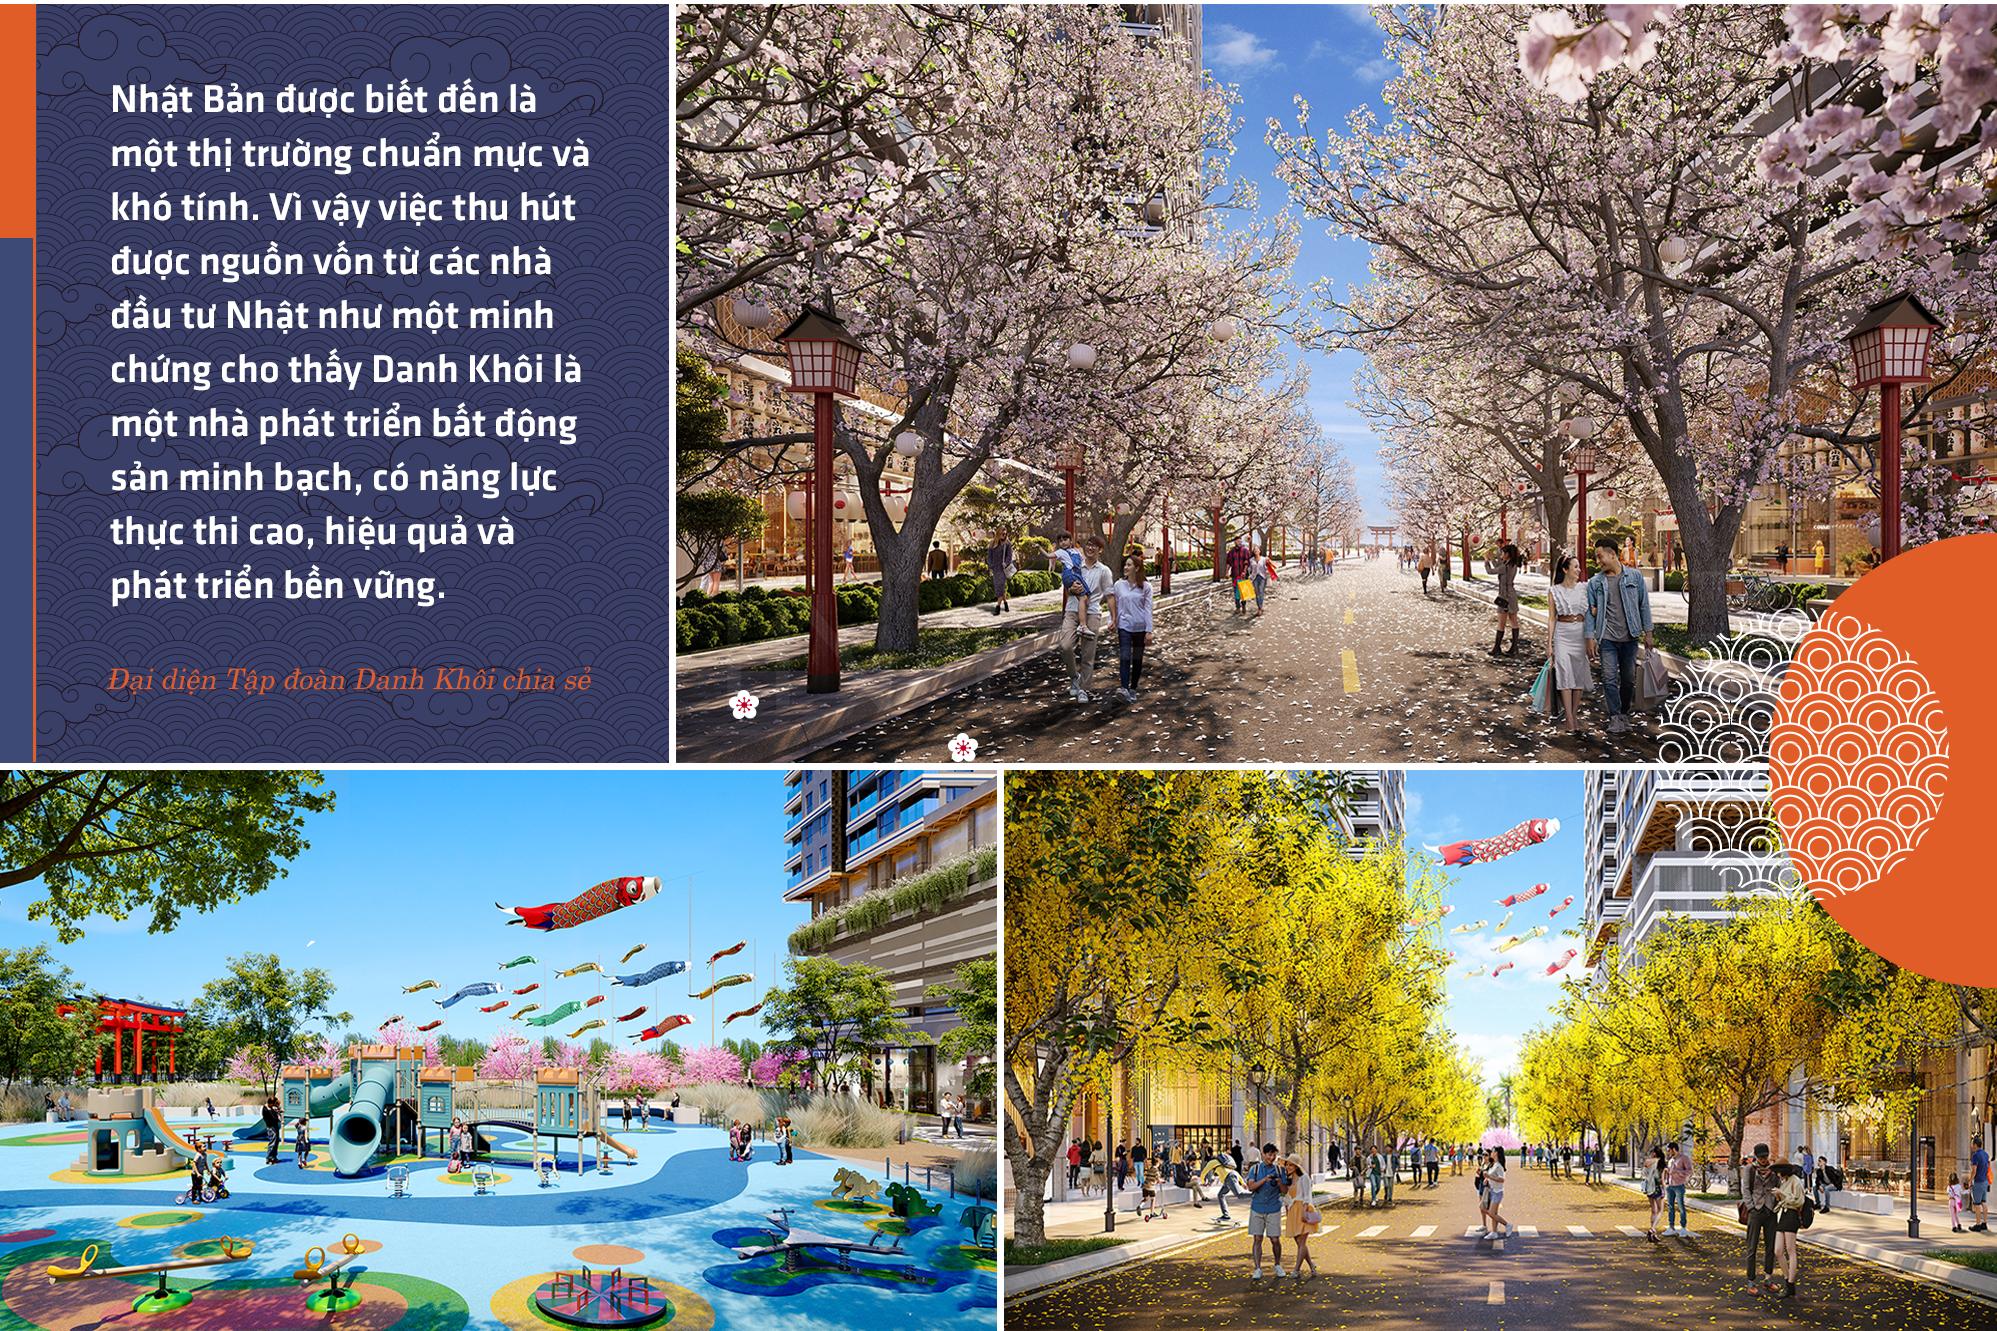 Đô thị biển giải trí phong cách Nhật – Định hướng chiến lược của Tập đoàn Danh Khôi trong năm 2021 - Ảnh 4.